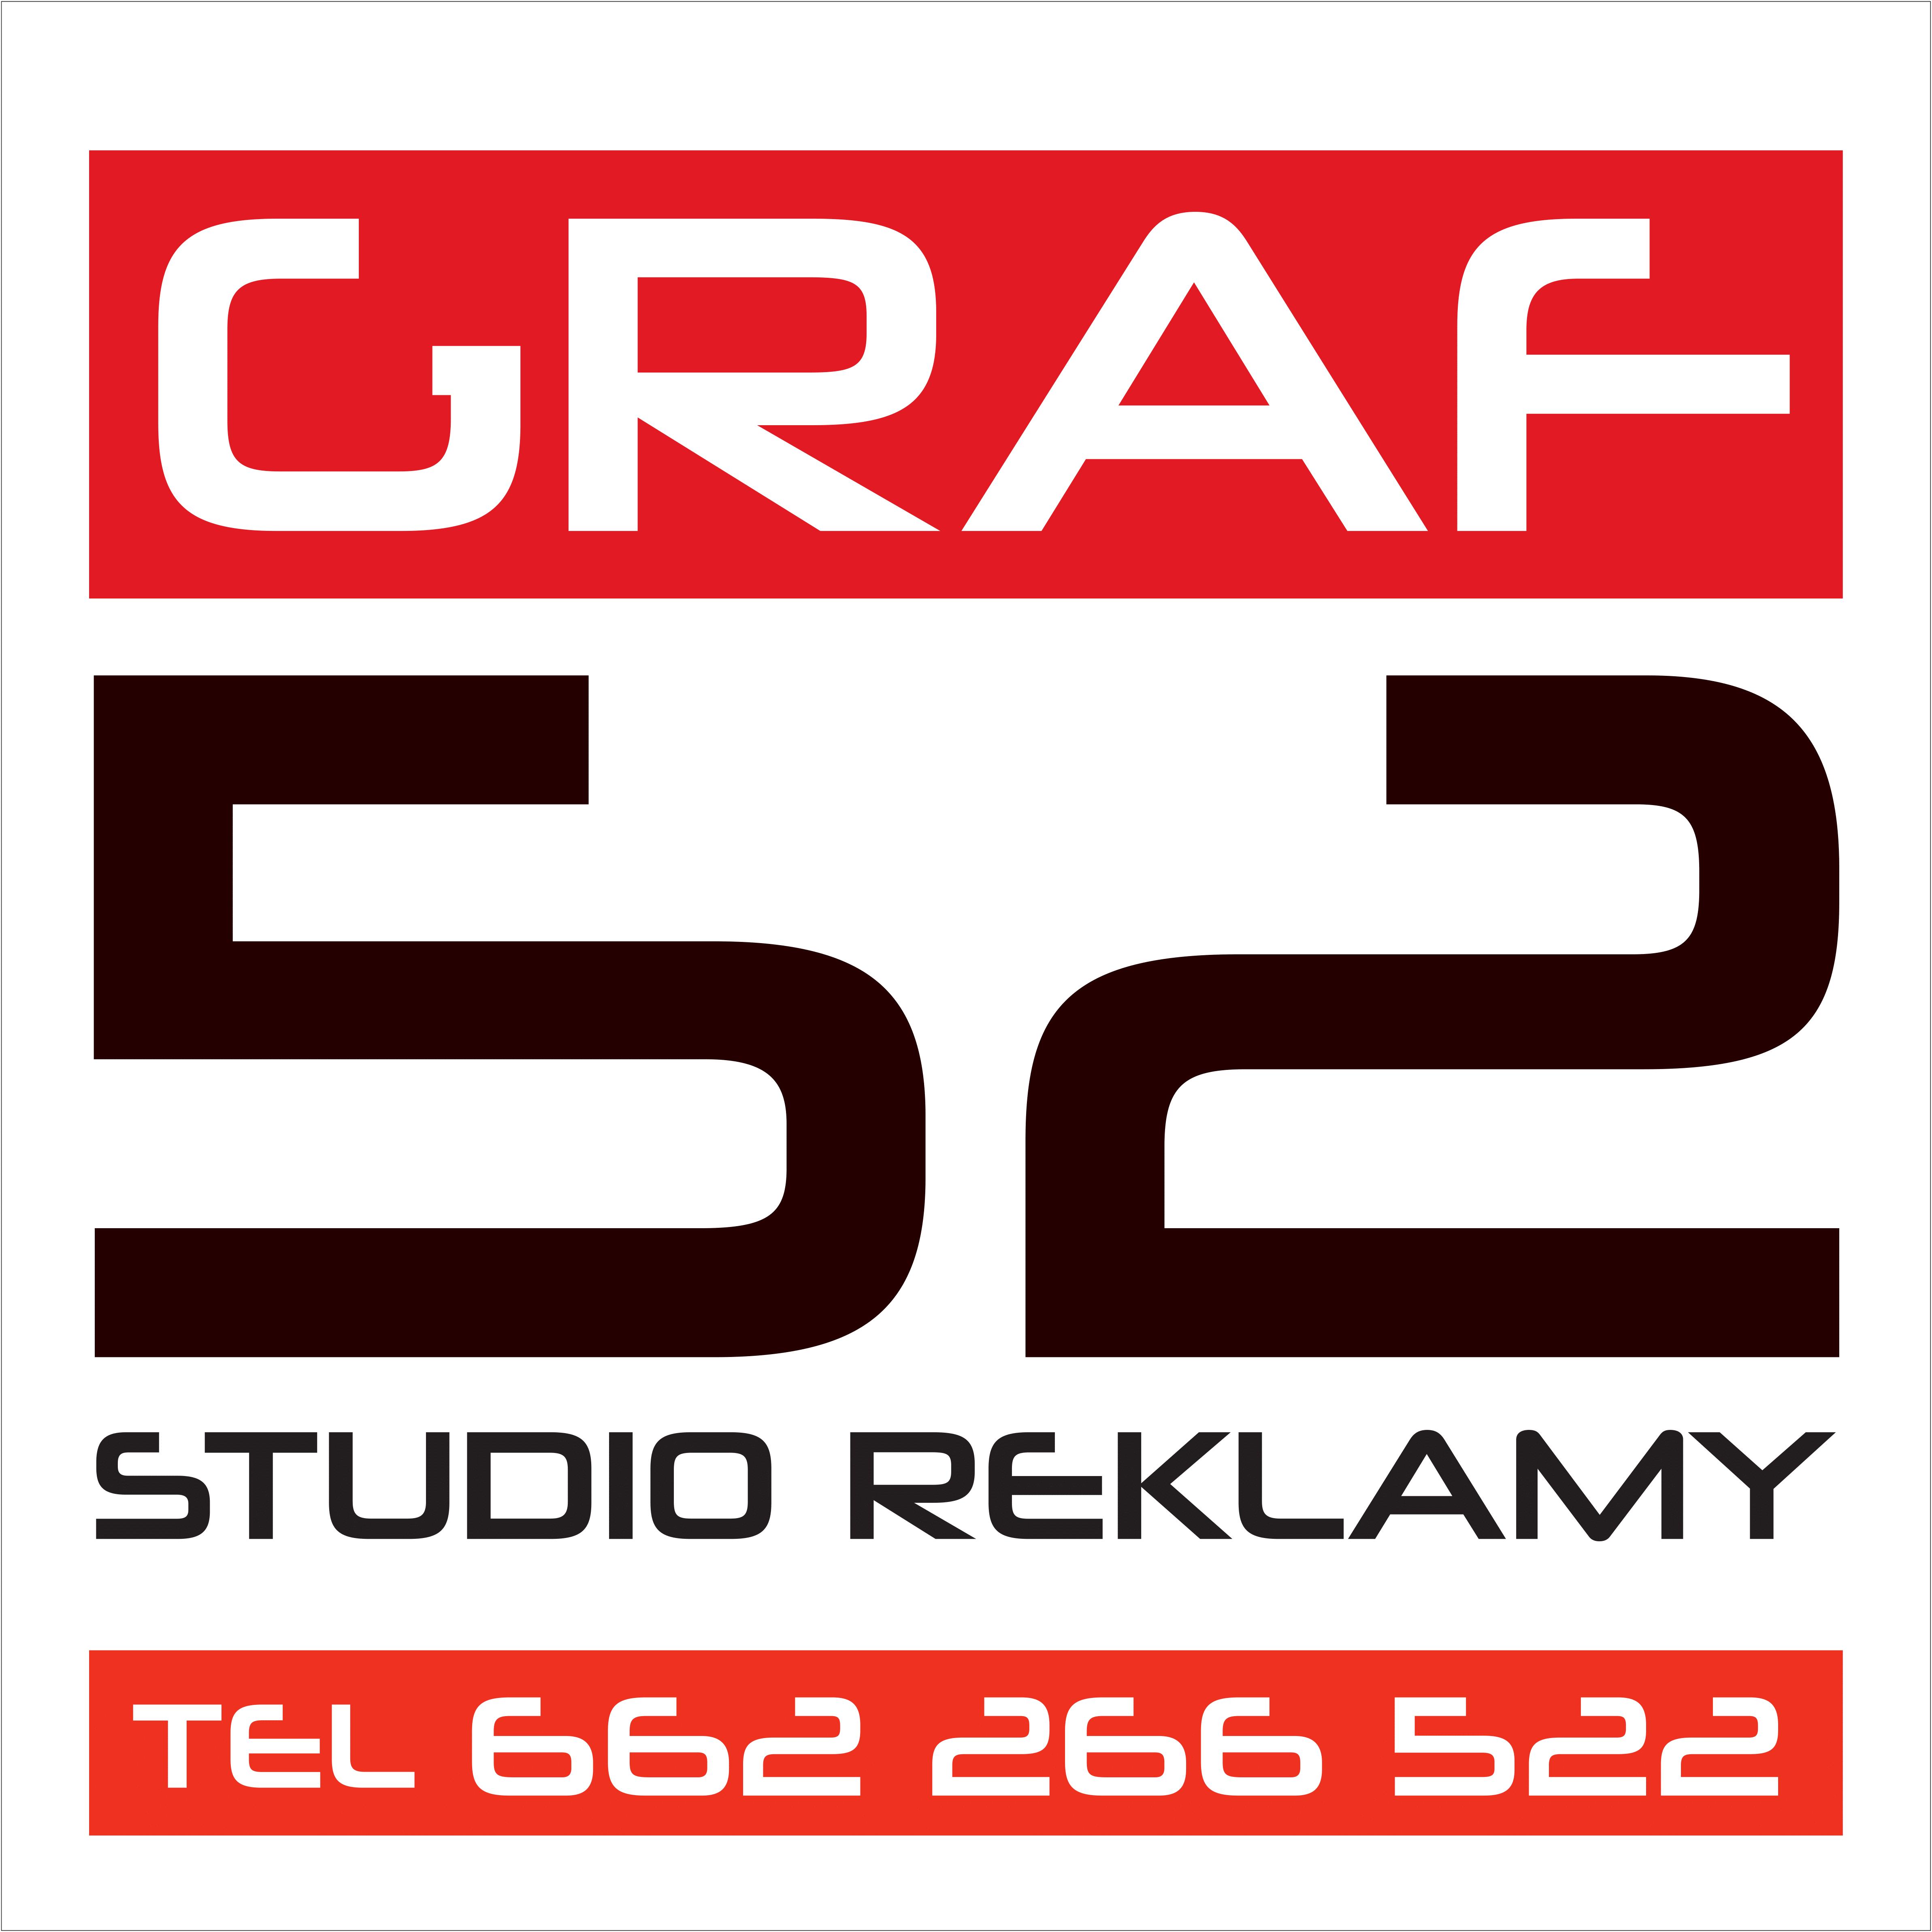 GRAF52 – Banery reklamowe, pieczątki, szyldy, oklejanie, branding, kampanie reklamowe – PRZEŹMIEROWO – POZNAŃ